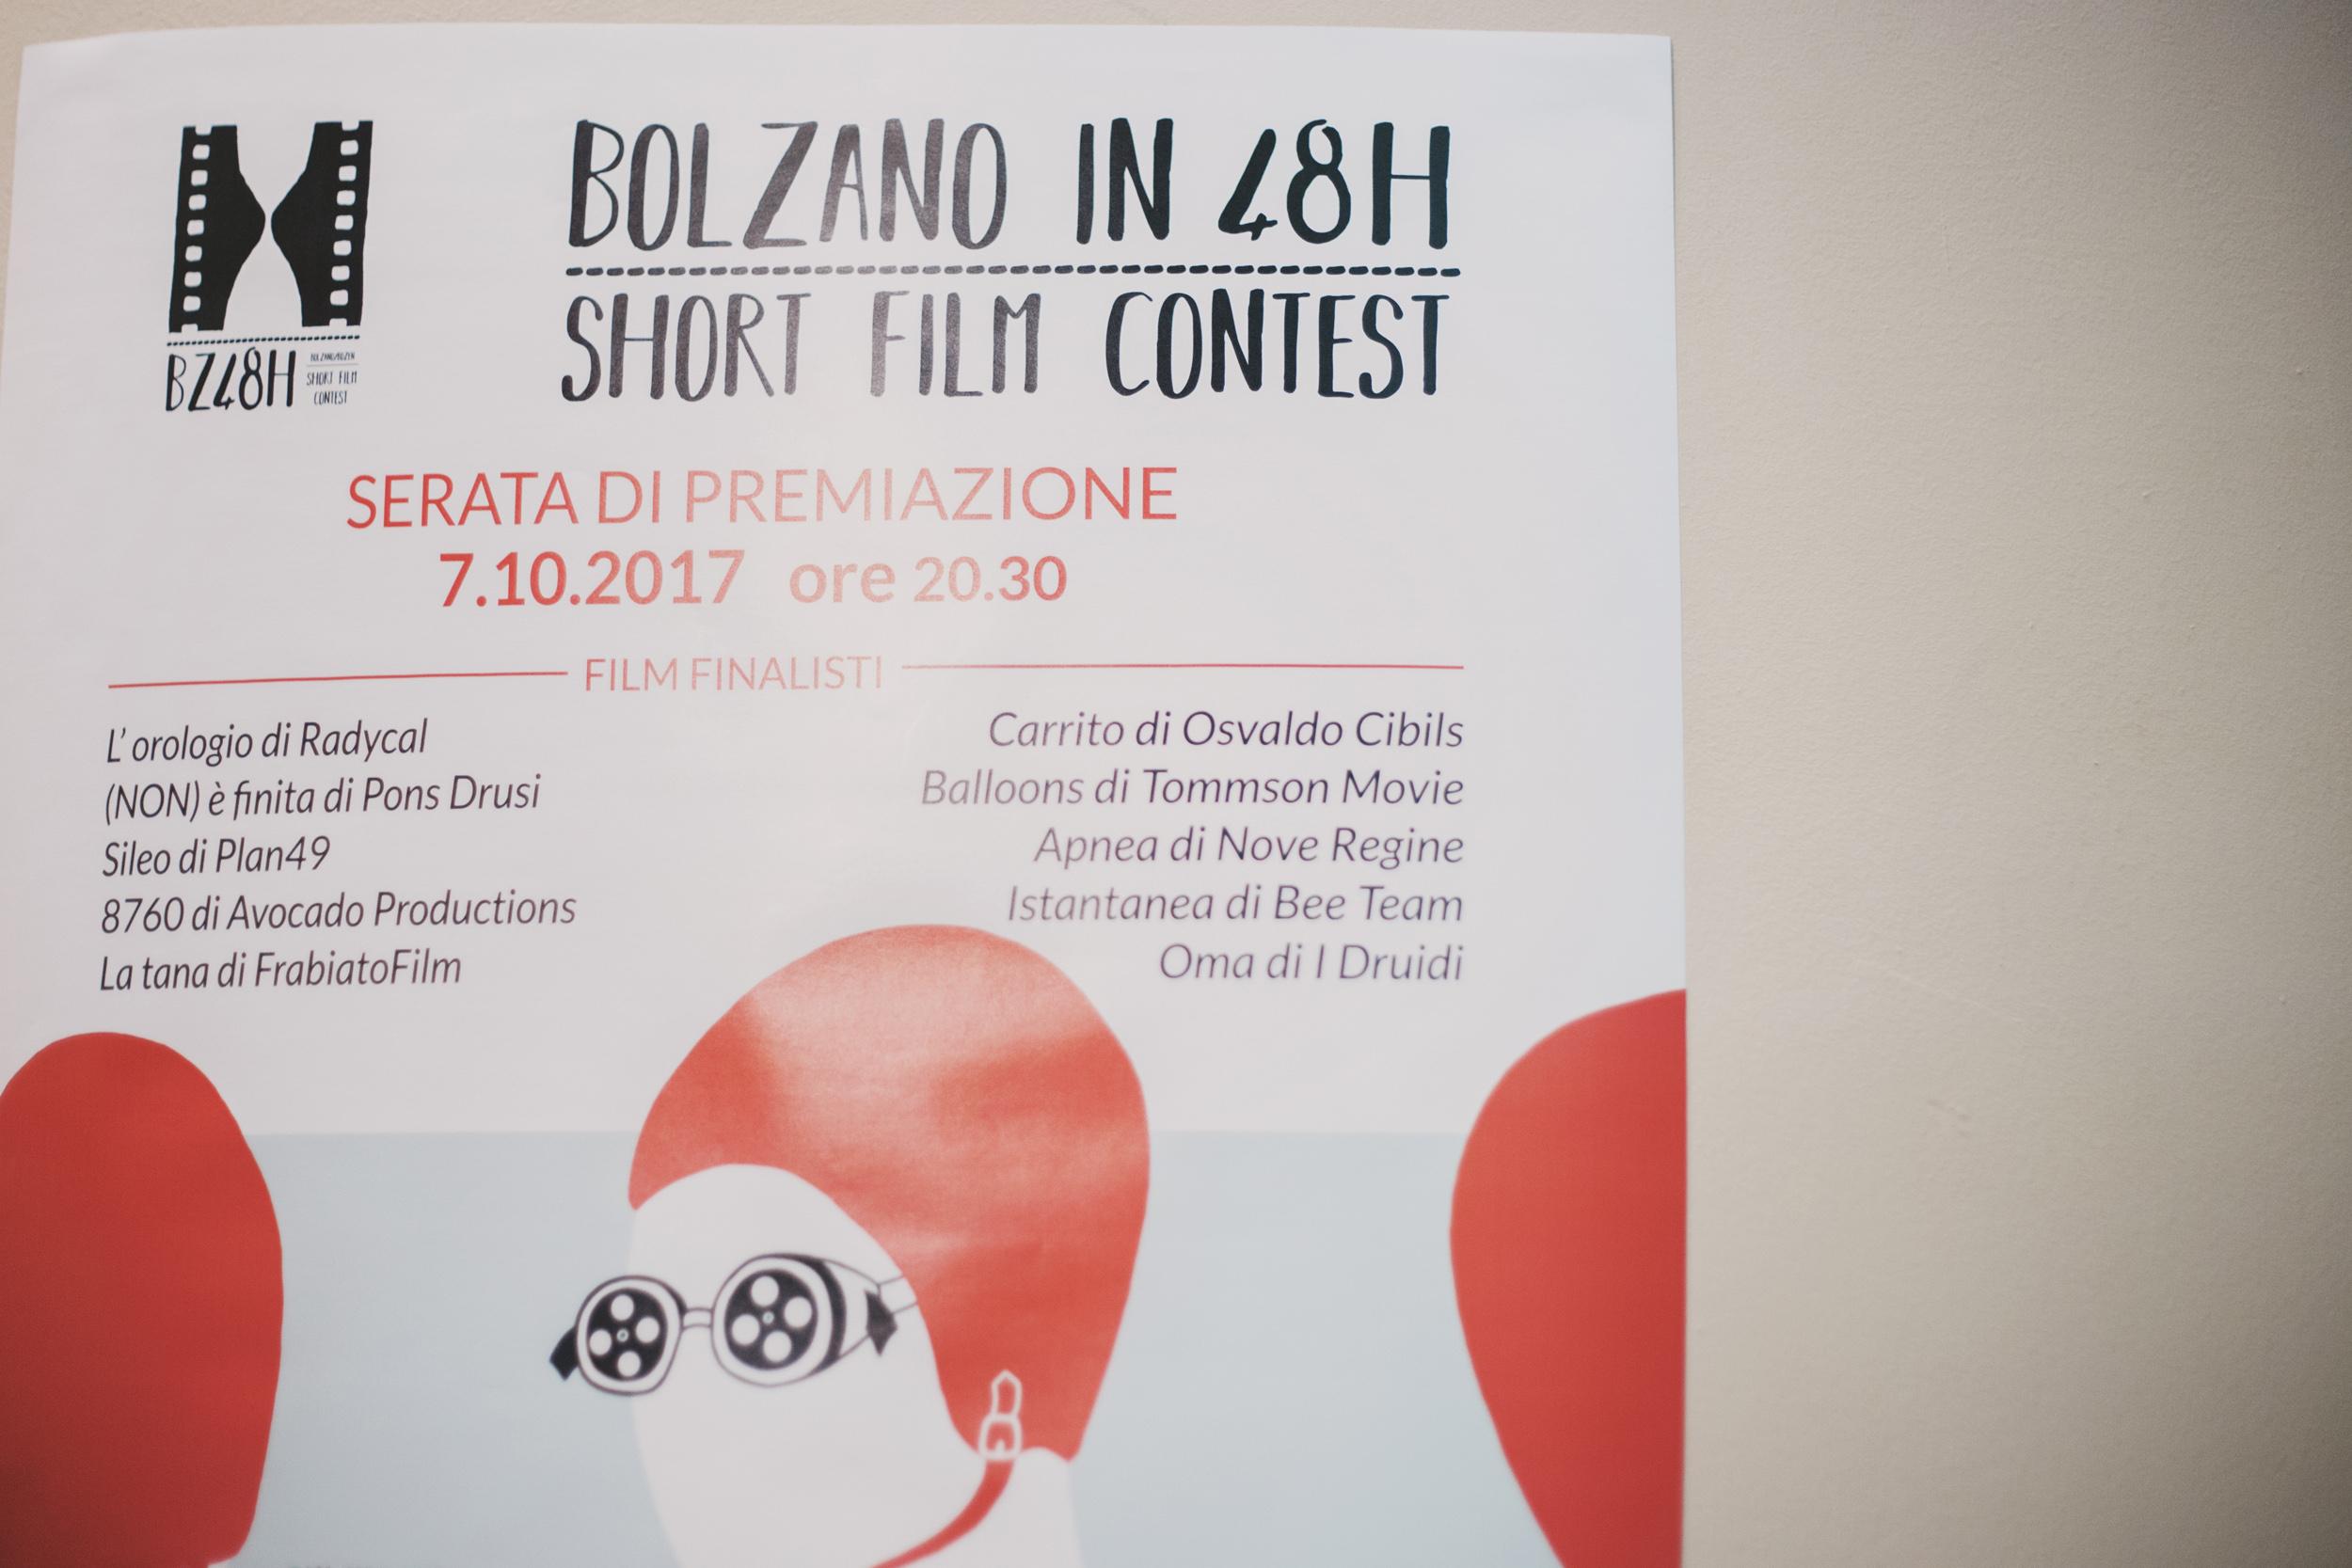 Bolzano in 48h - Short Film Contest - Bolzano (Italy) on Cinemabreve.org